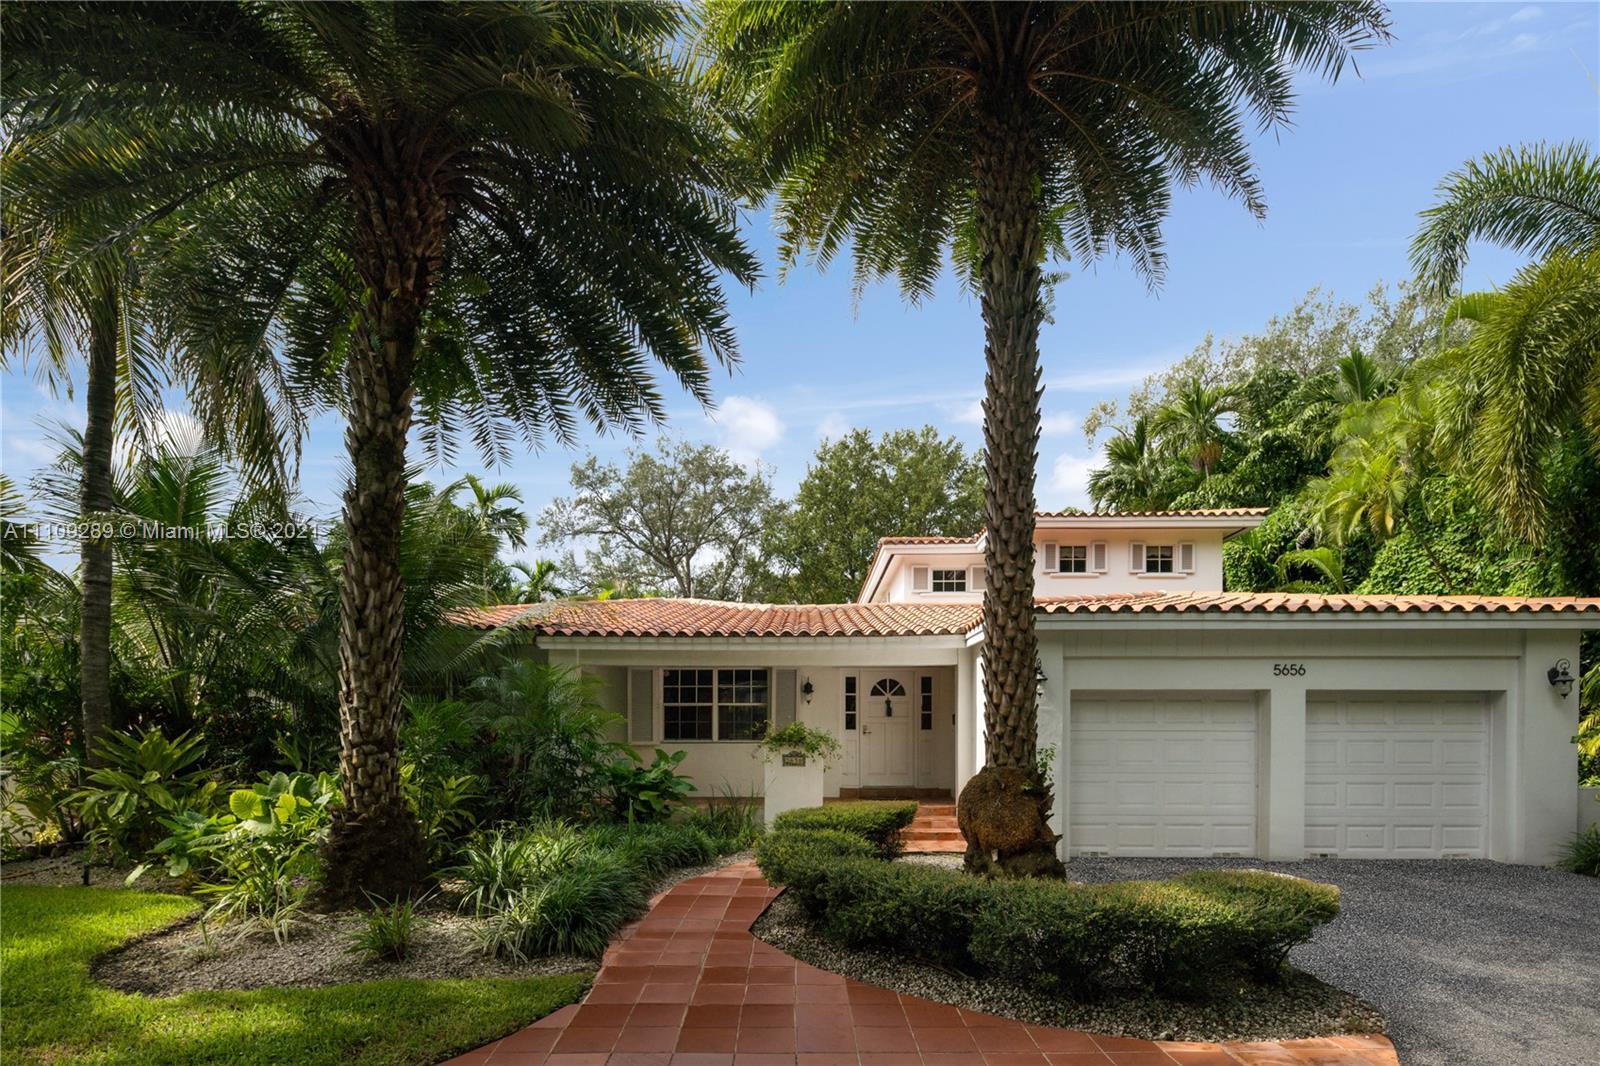 5656  Granada Blvd  For Sale A11109289, FL